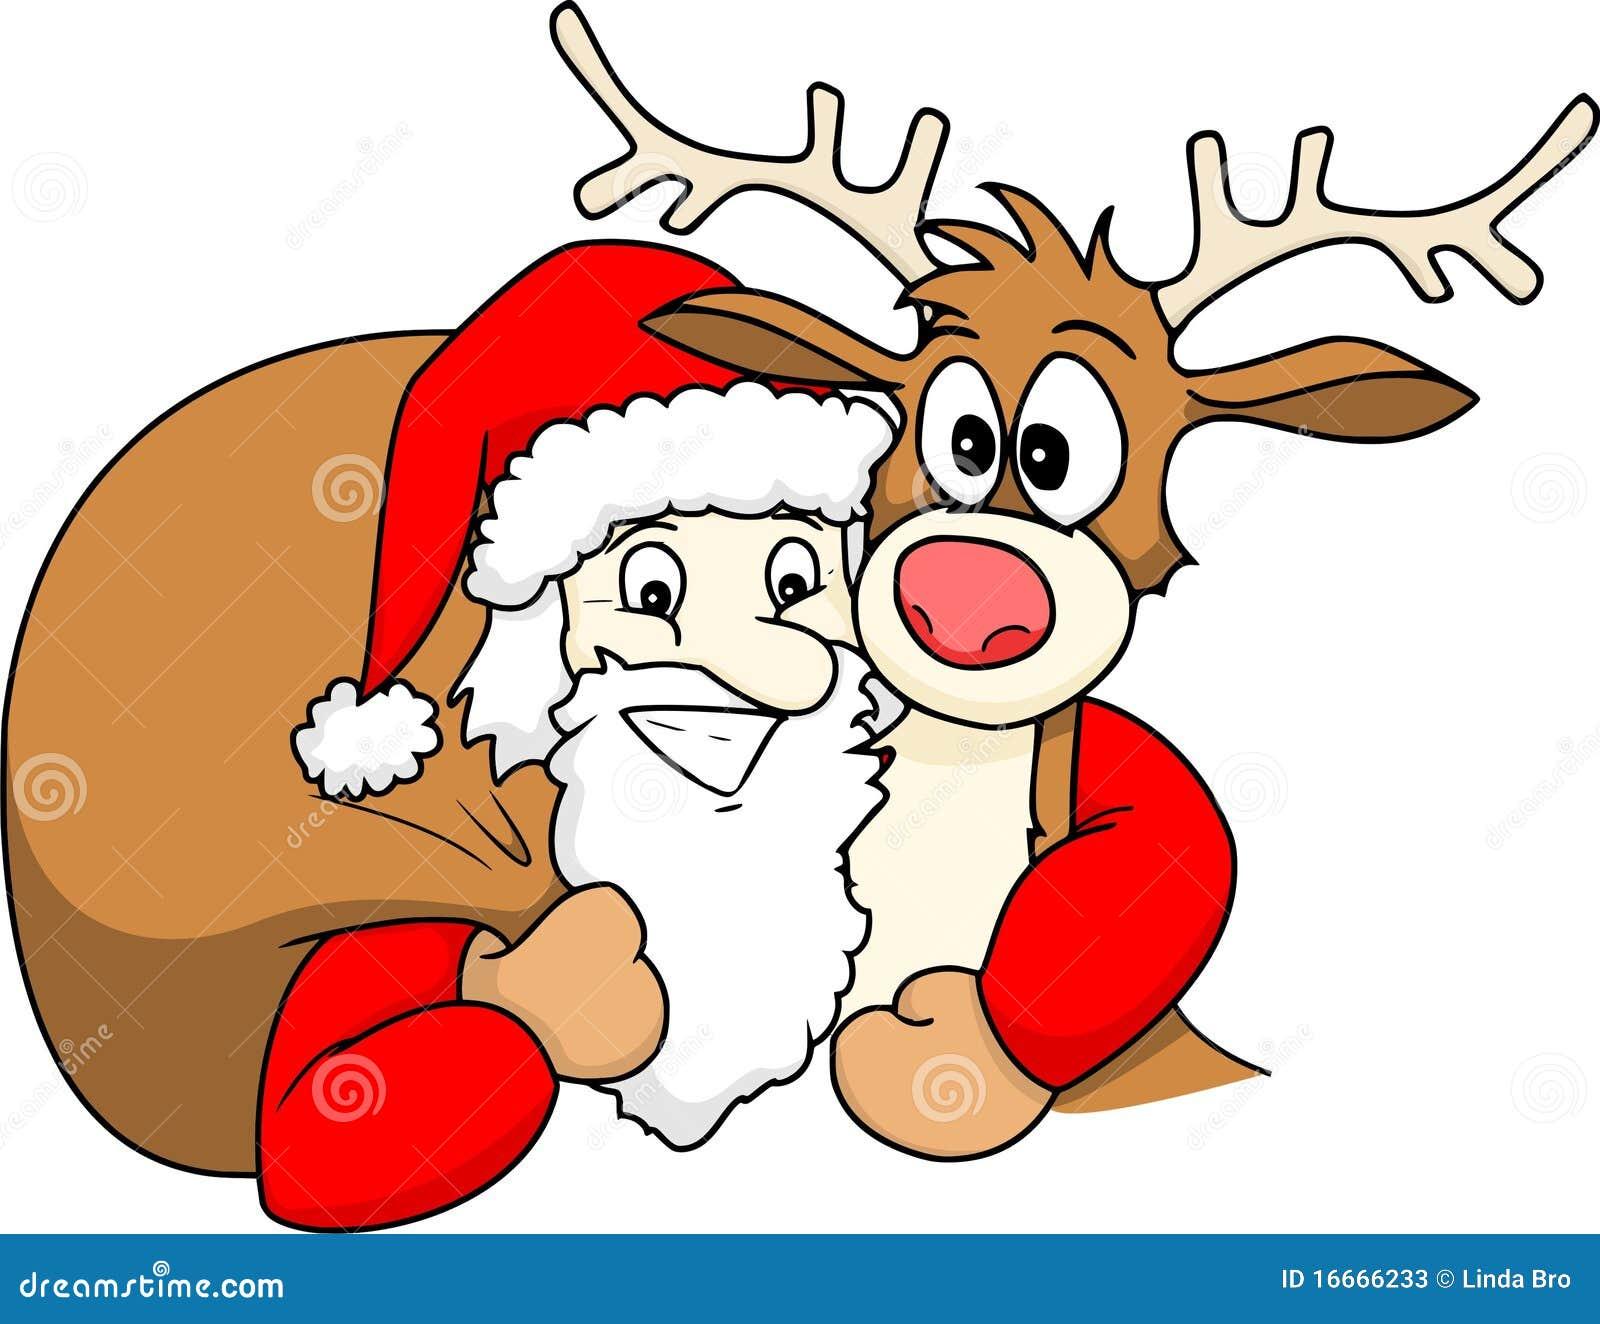 Санта и олень порно 11 фотография